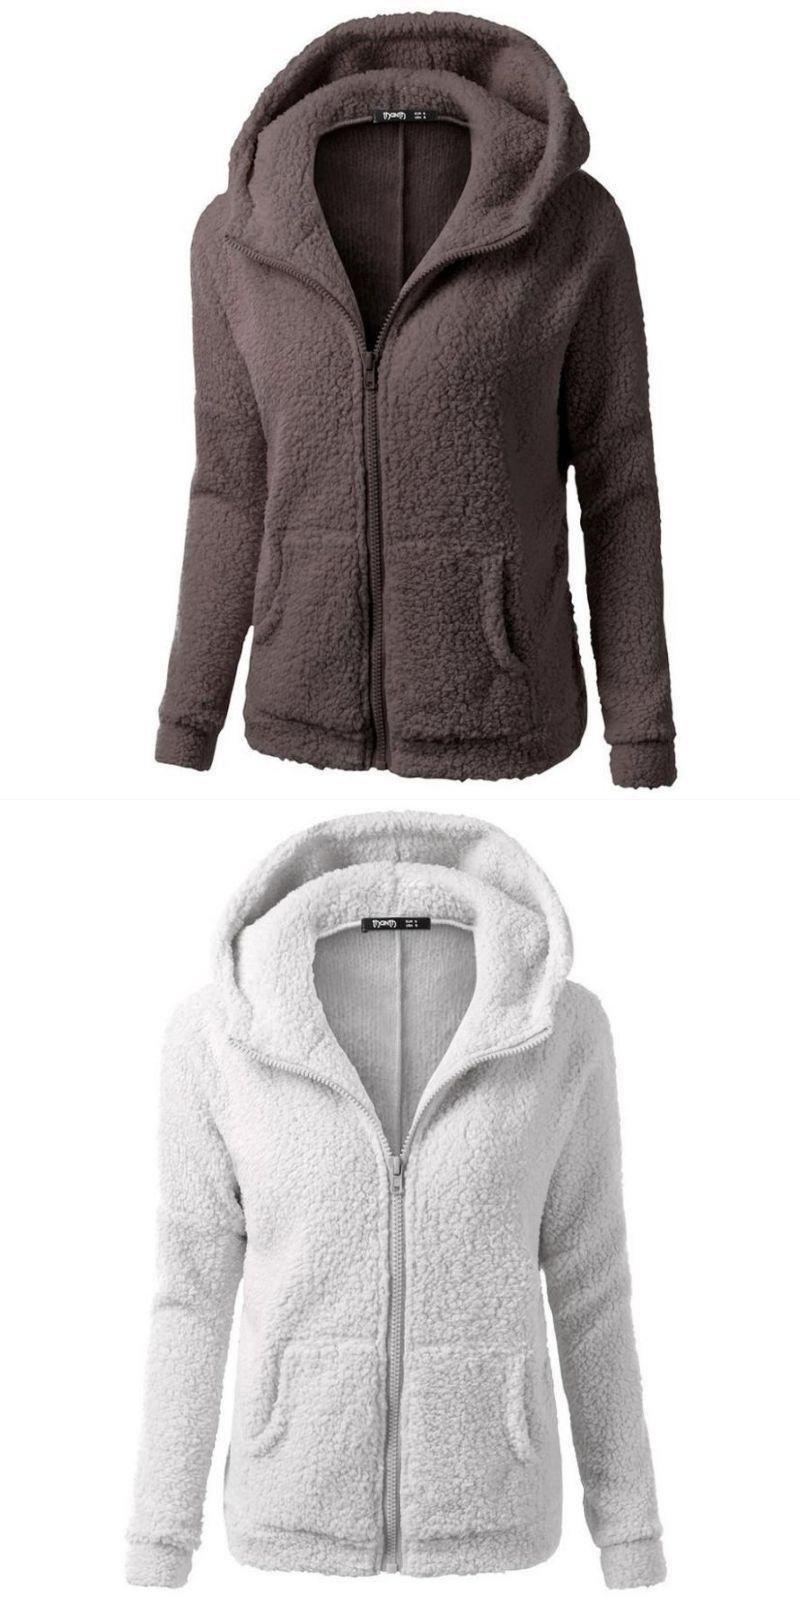 2c1b4b380a55 Outerwear   coats jackets hooded sweater coat winter warm wool zipper  cotton outwear coats and jackets women 2018jul30  women  outerwear     coats   jackets ...